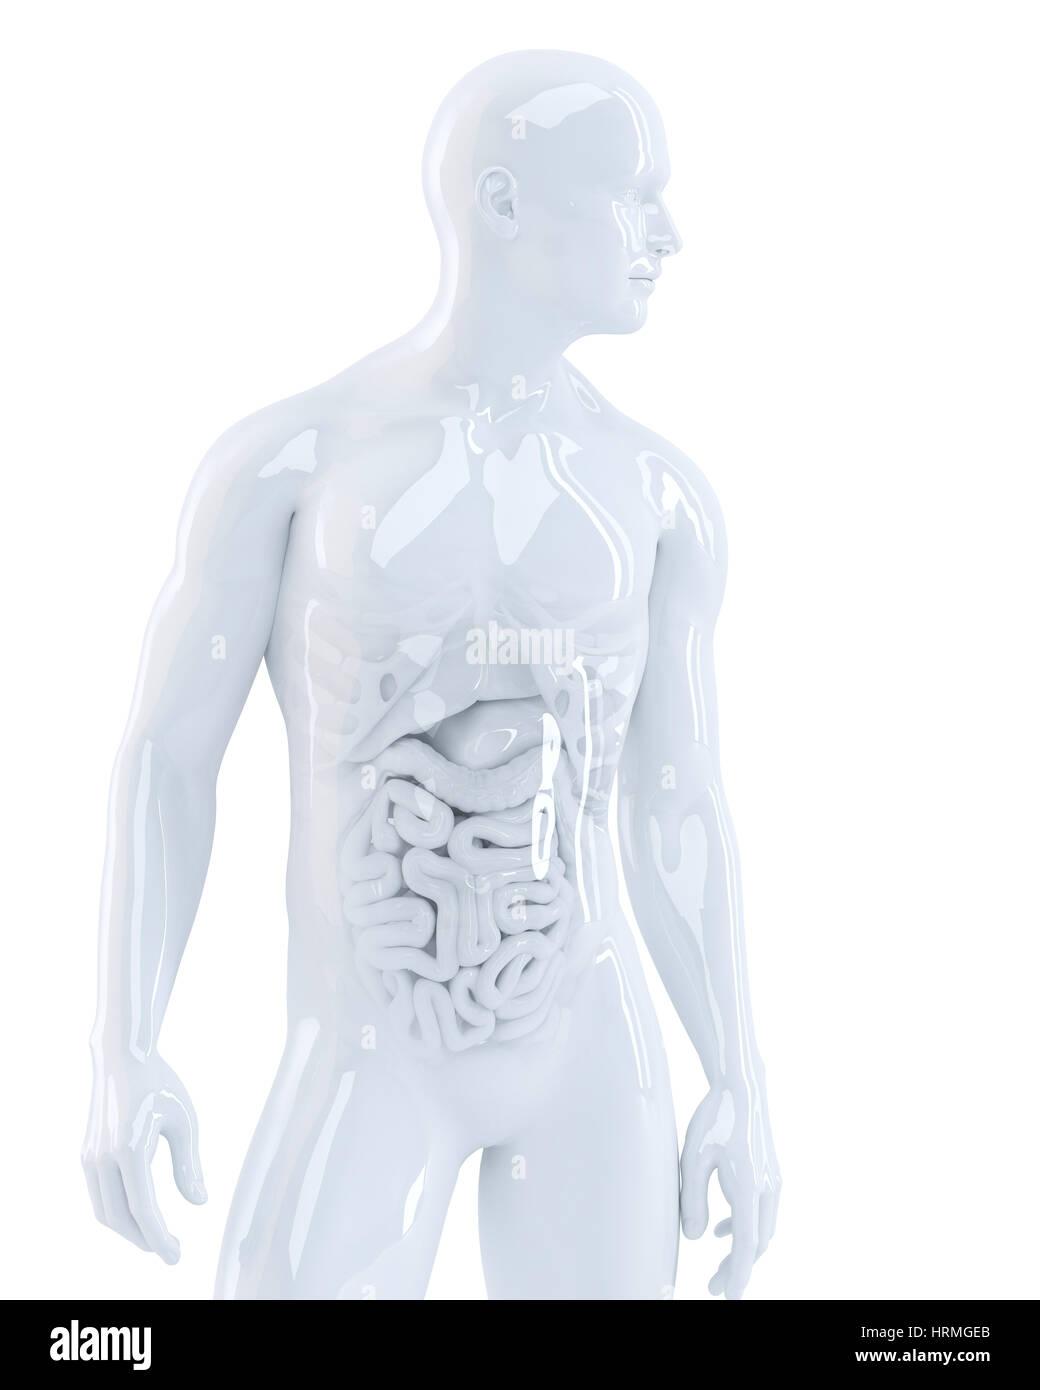 Menschlichen Körper mit inneren Organen. 3D Illustration. Isoliert ...